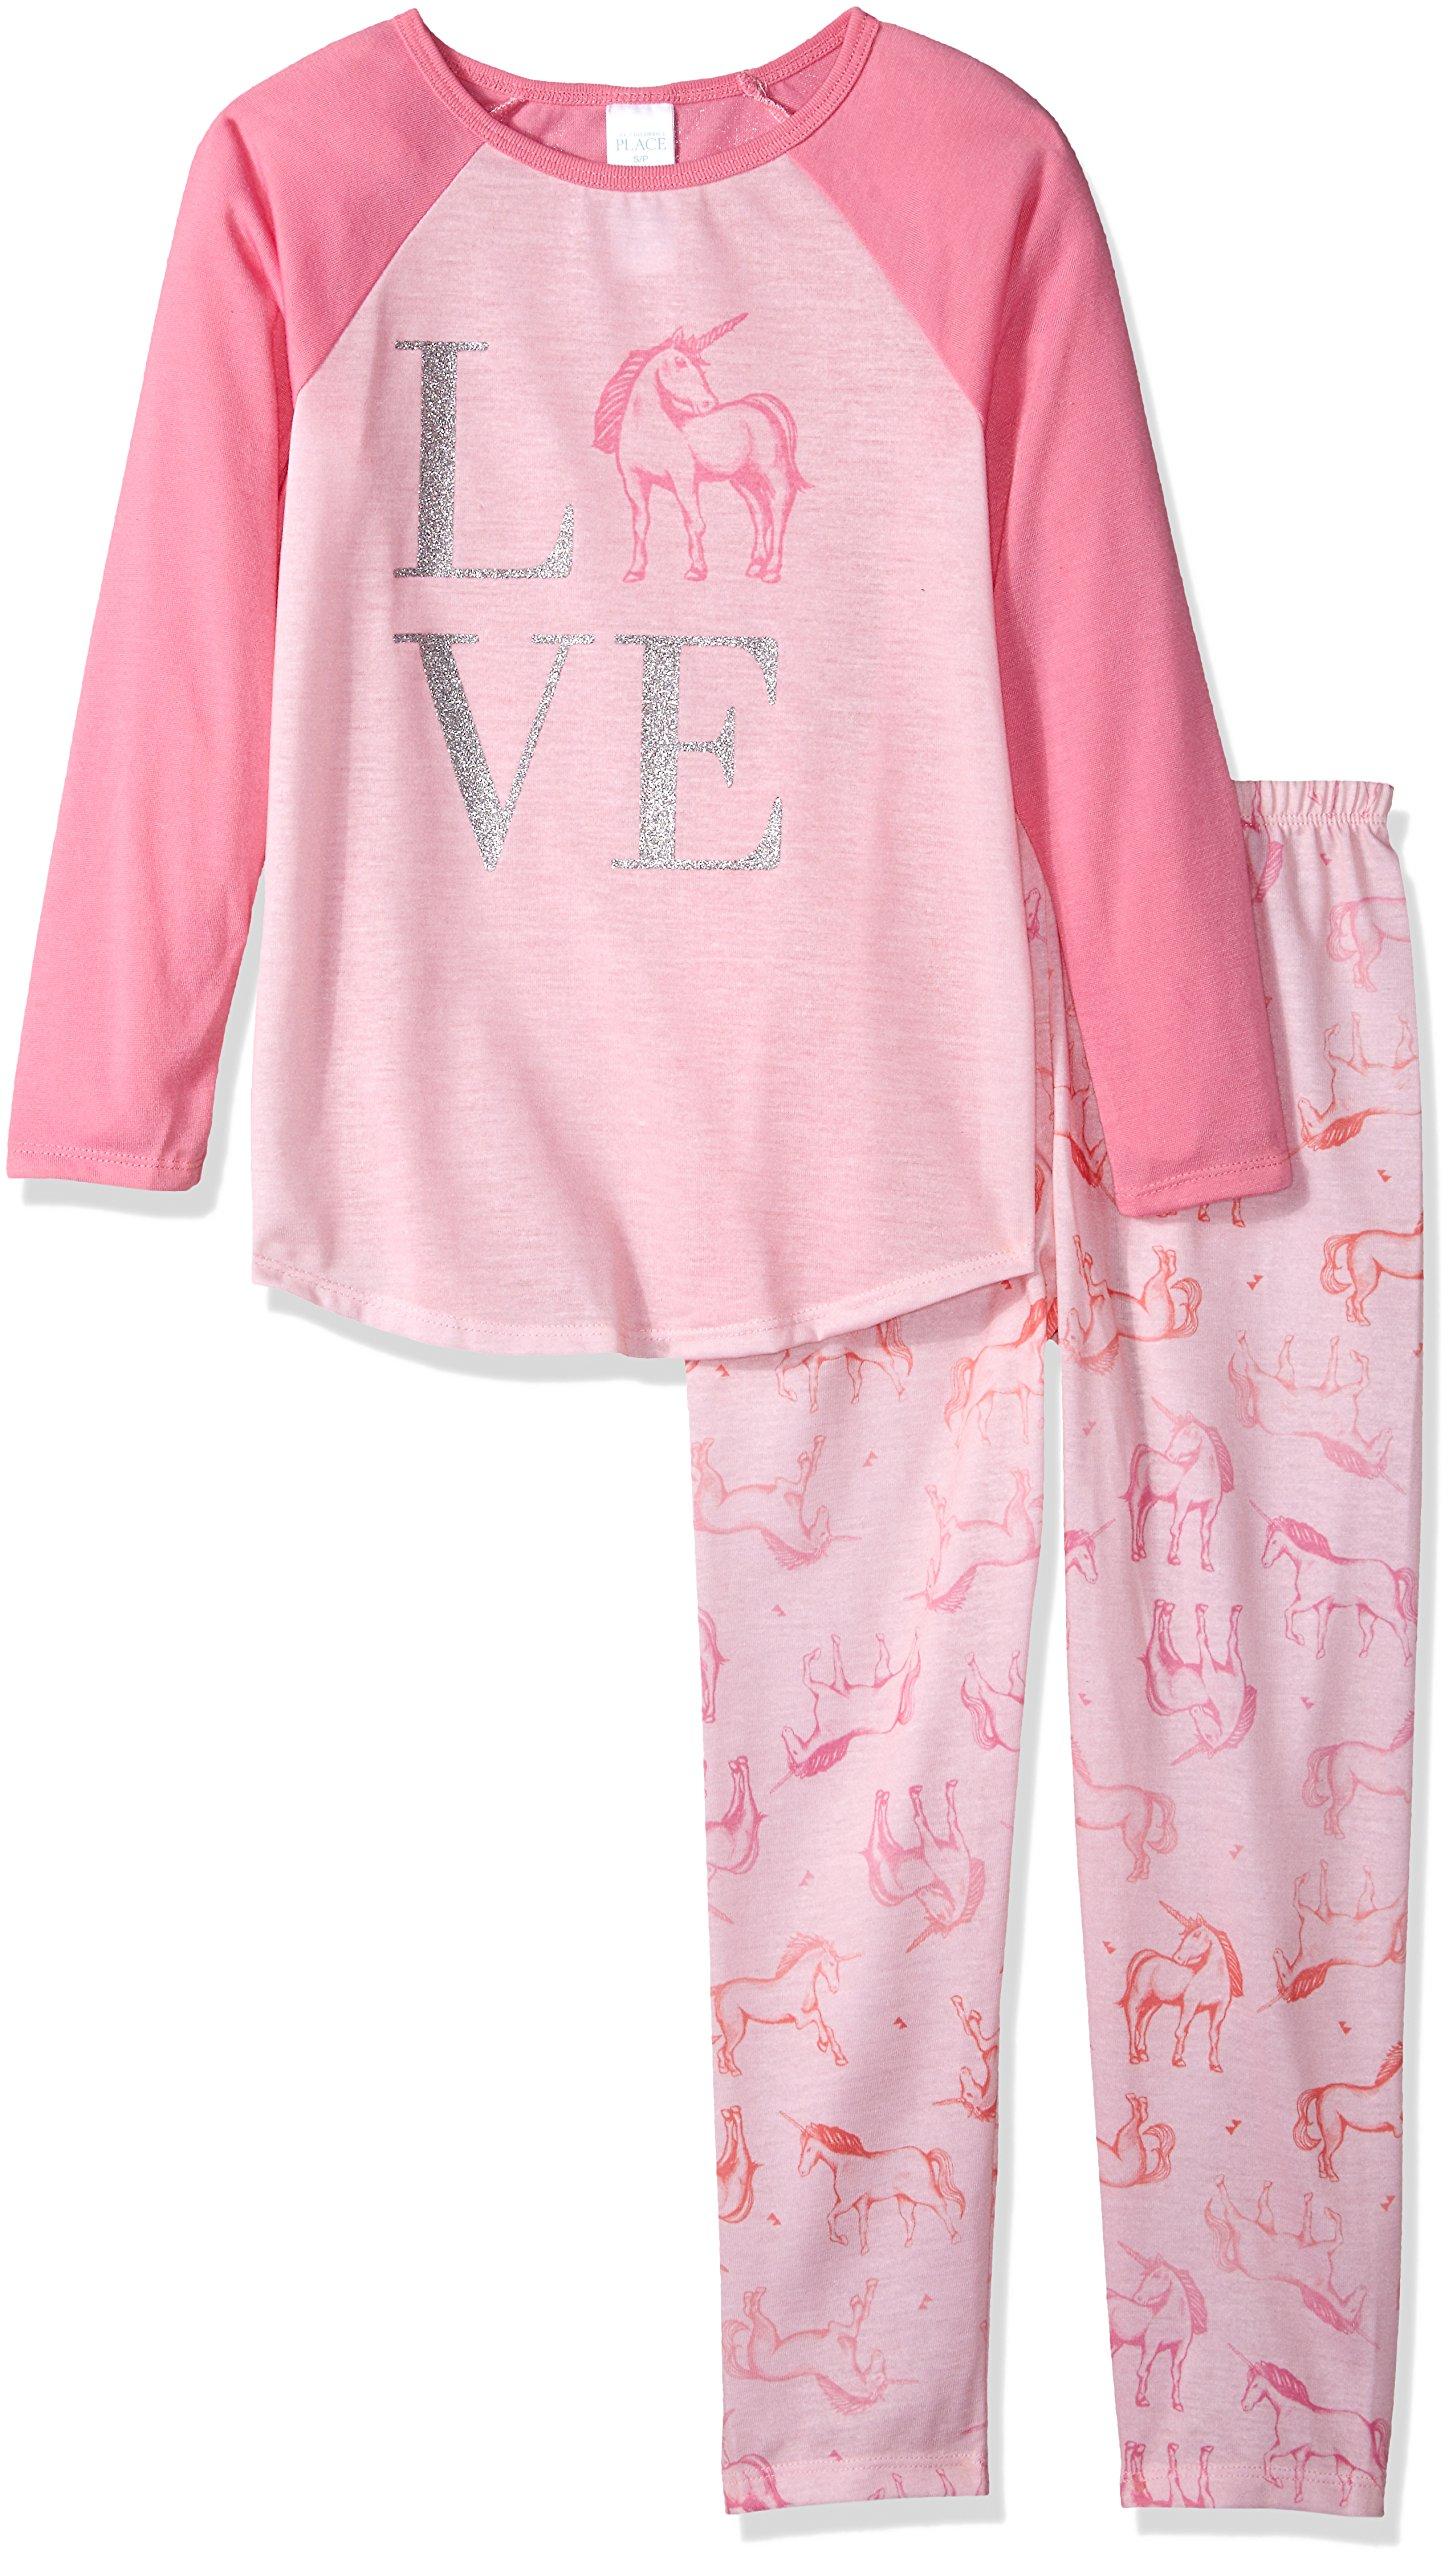 The Children's Place Big Girls' Unicorn Love 2 Piece Sleepwear Set, Whisperpnk 91399, XL (14)